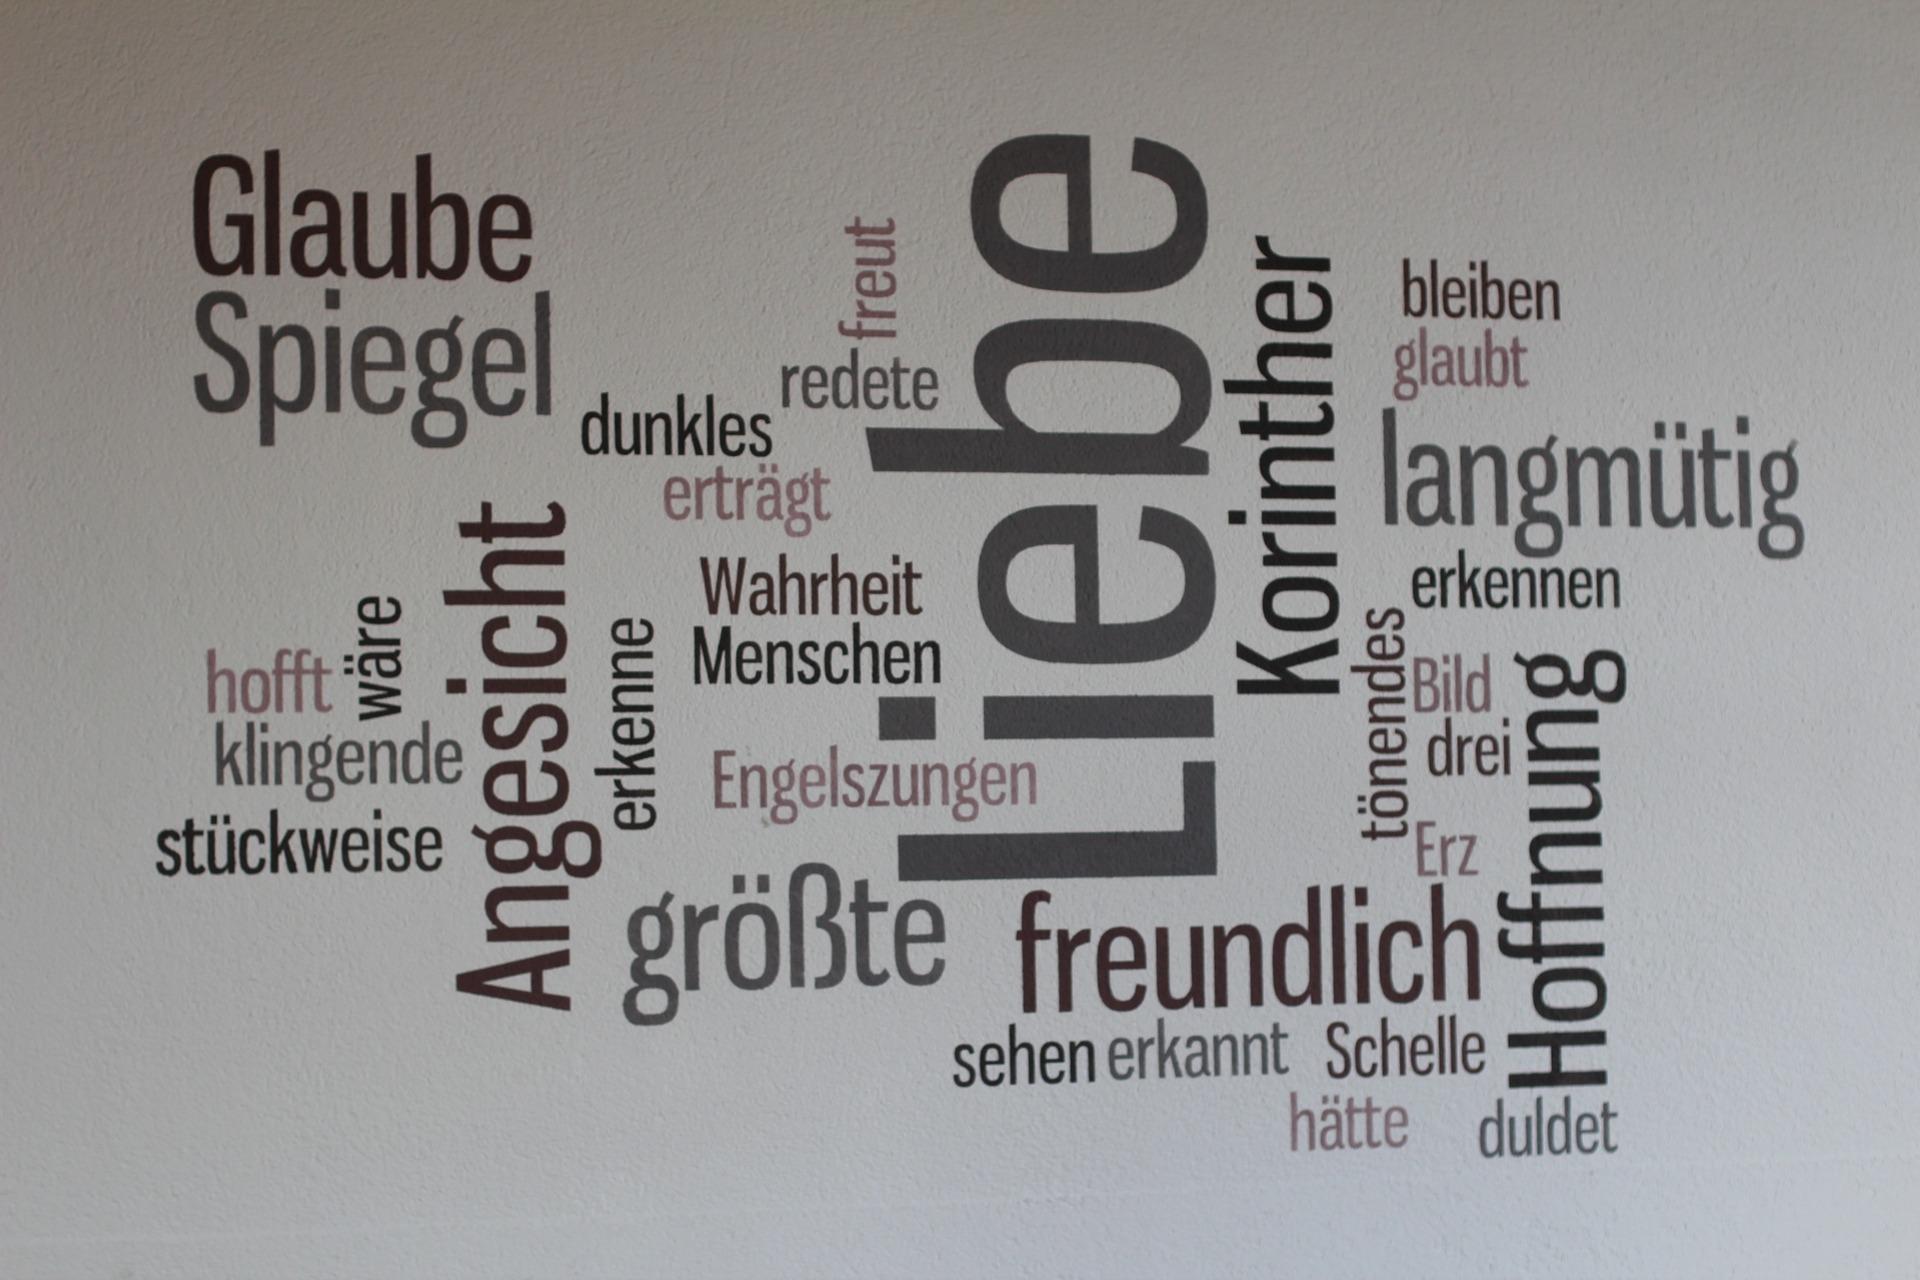 Wandtattoos statt aufwendiger Renovierung auf ratgeber-blogger.de